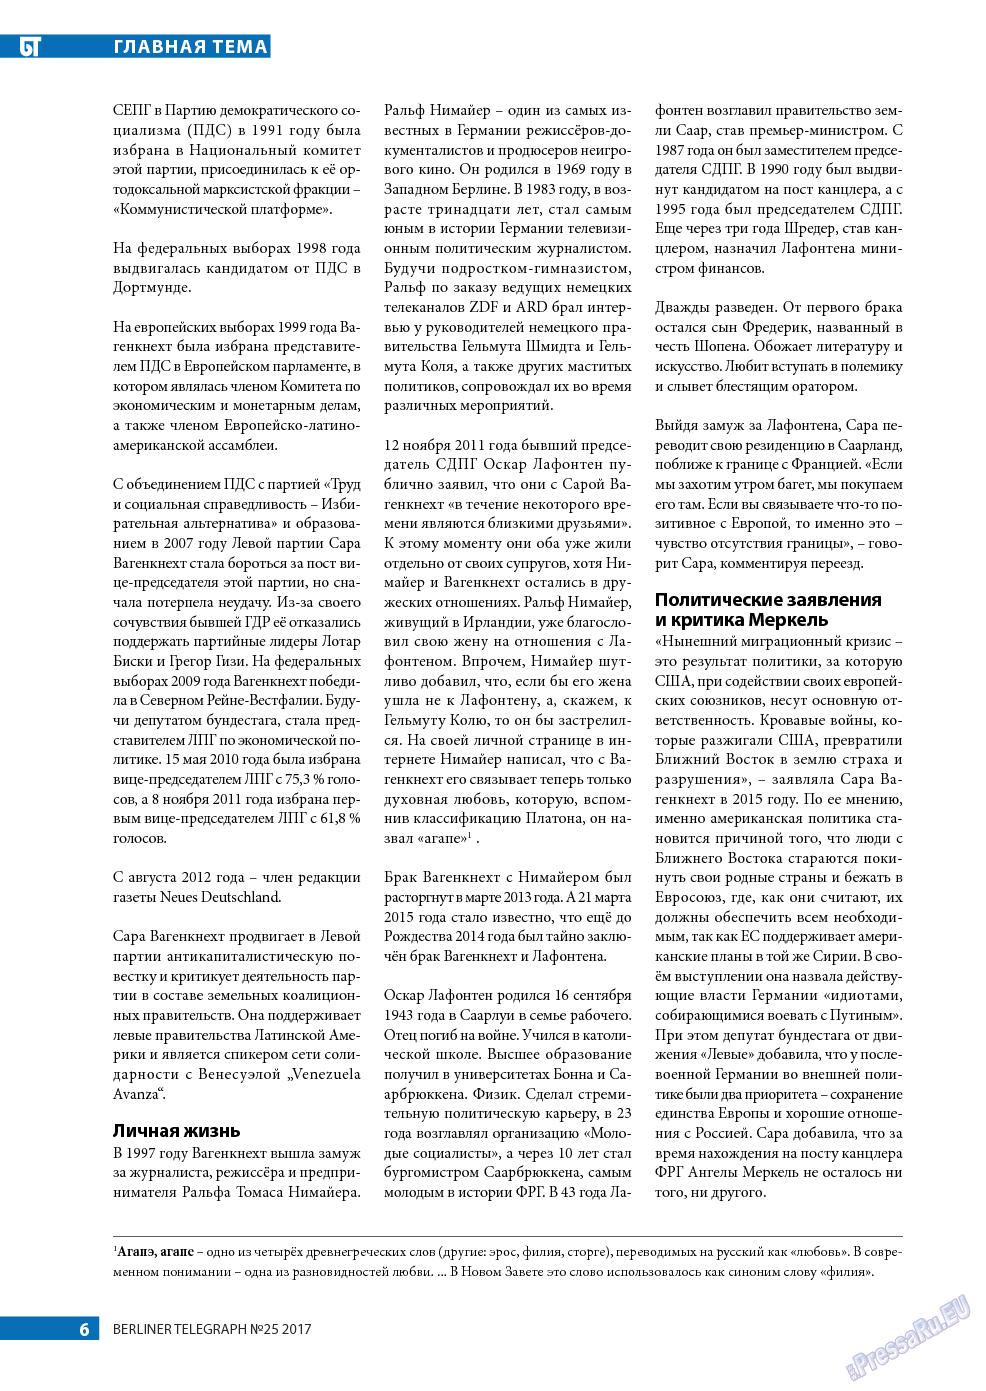 Берлинский телеграф (журнал). 2017 год, номер 25, стр. 6